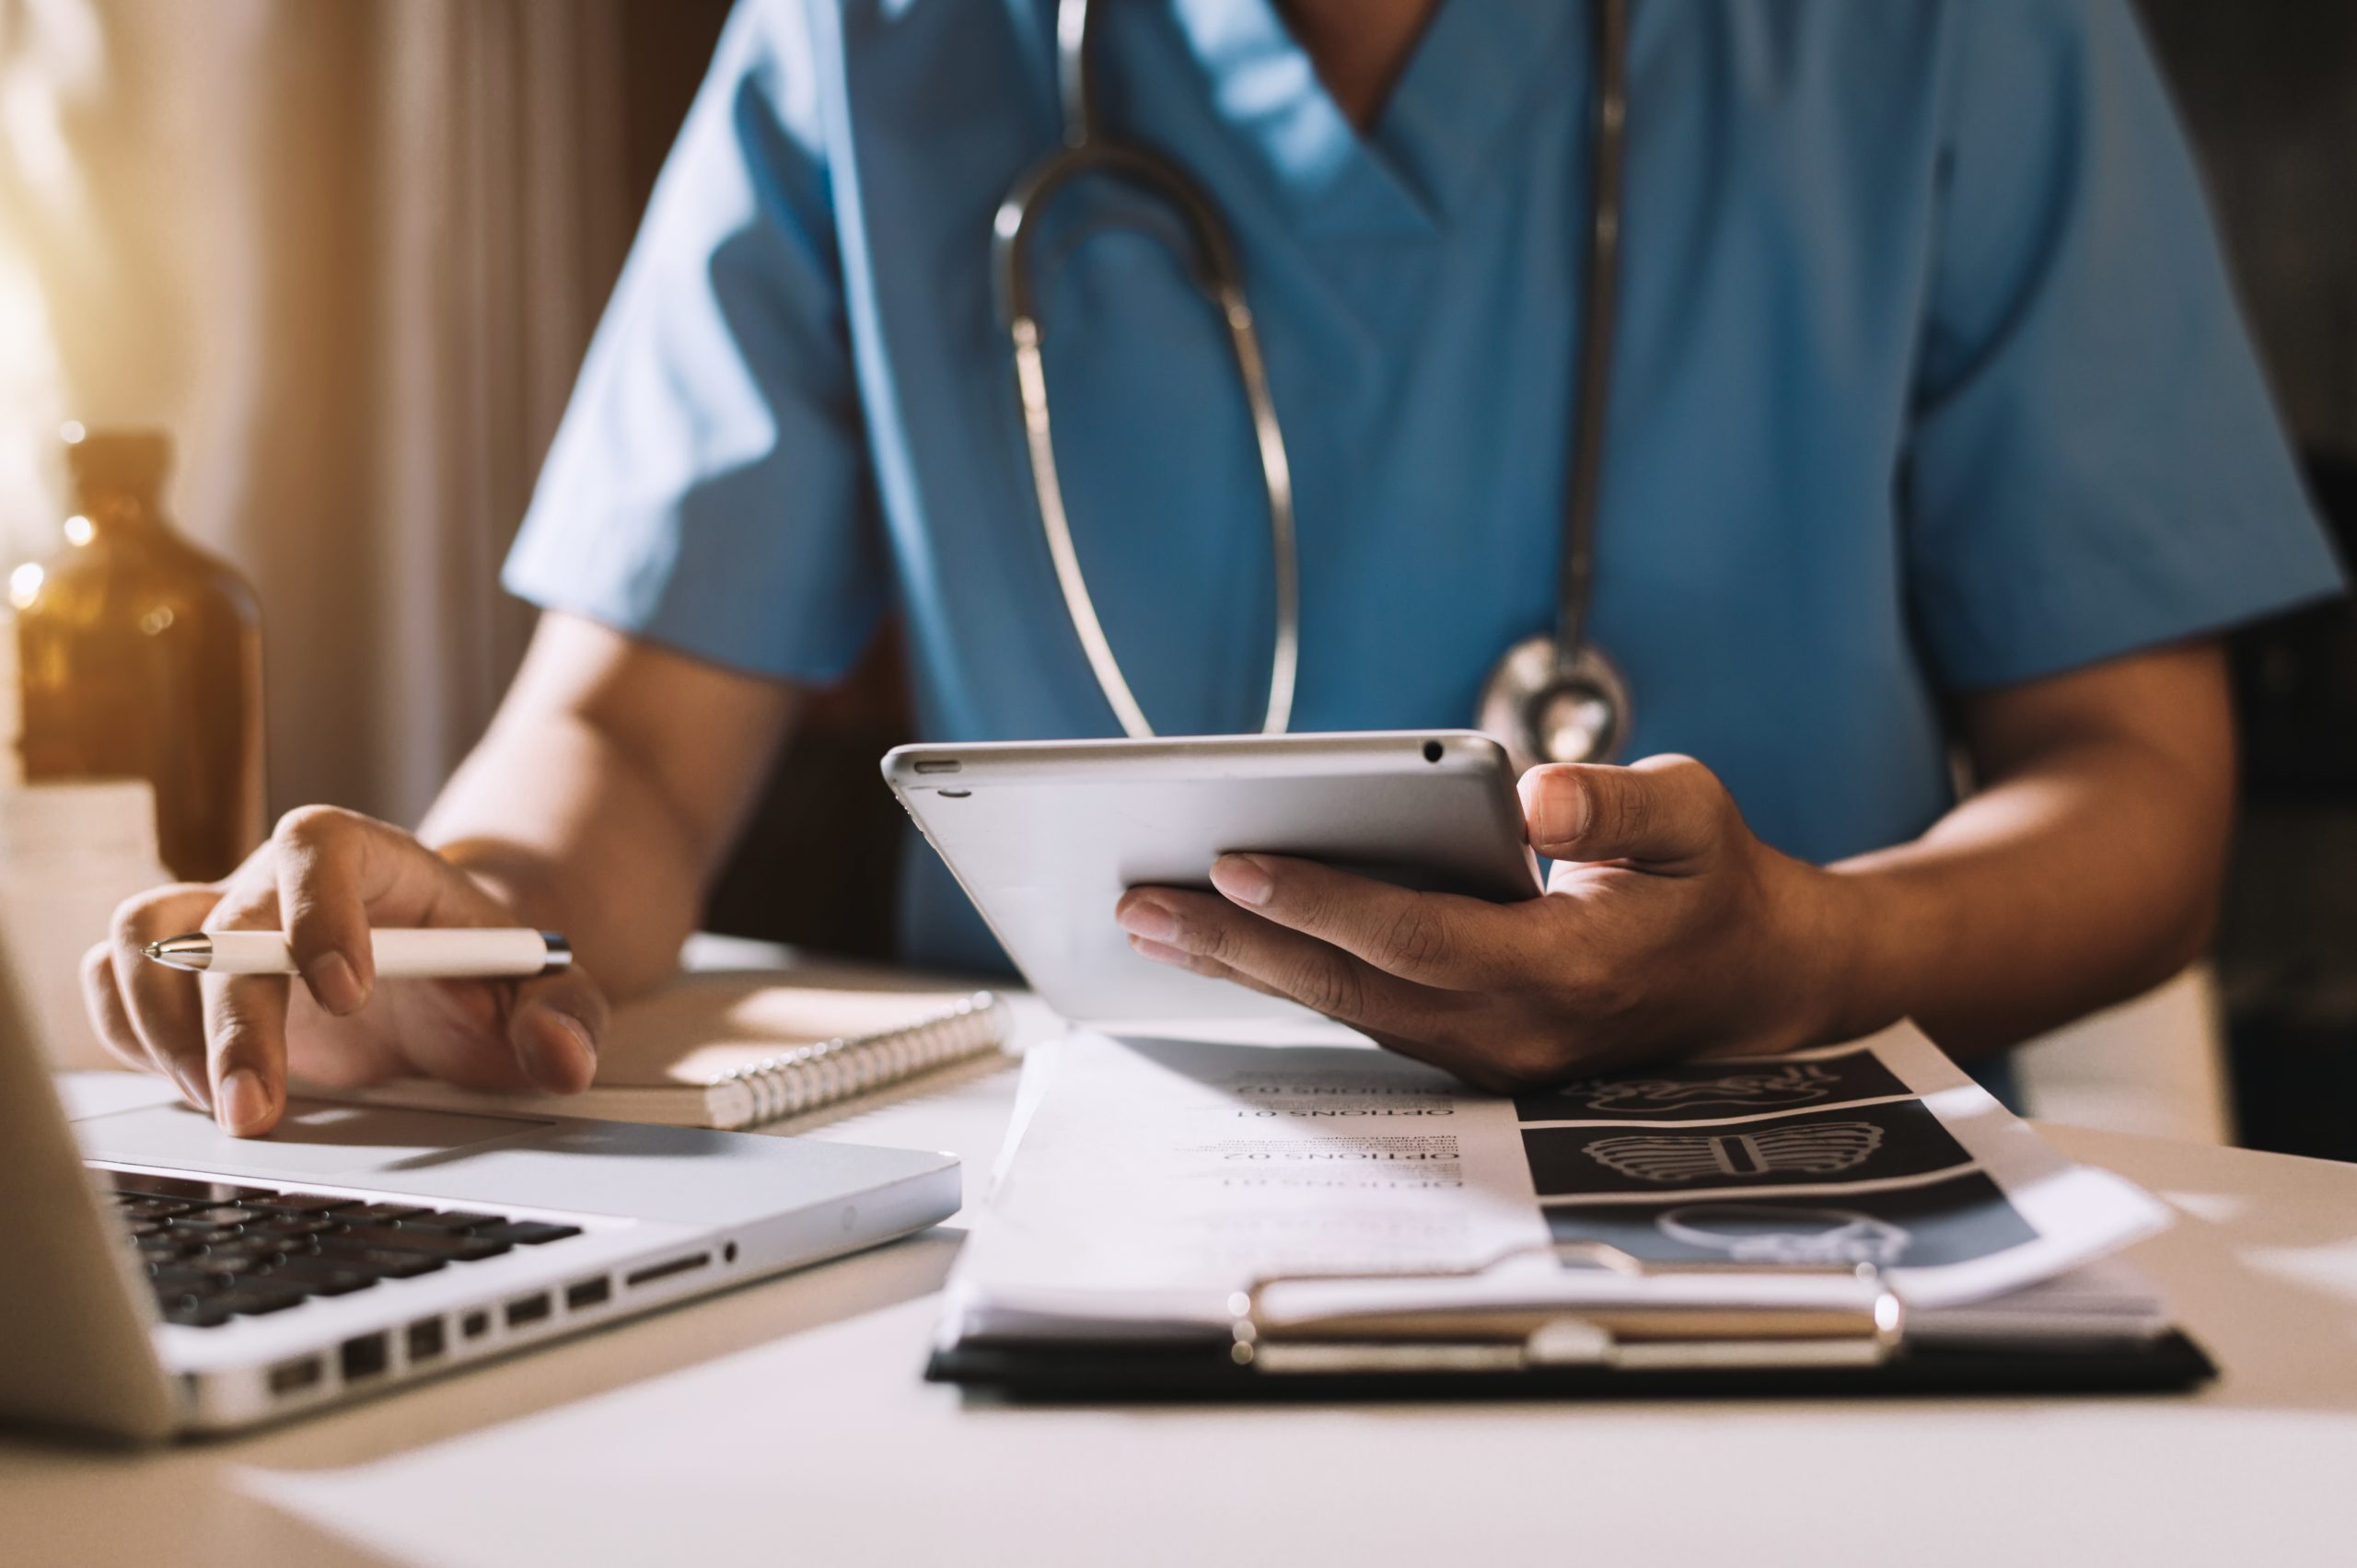 Врач попросил подтвердить смерть пациента через видеозвонок из-за боязни коронавируса